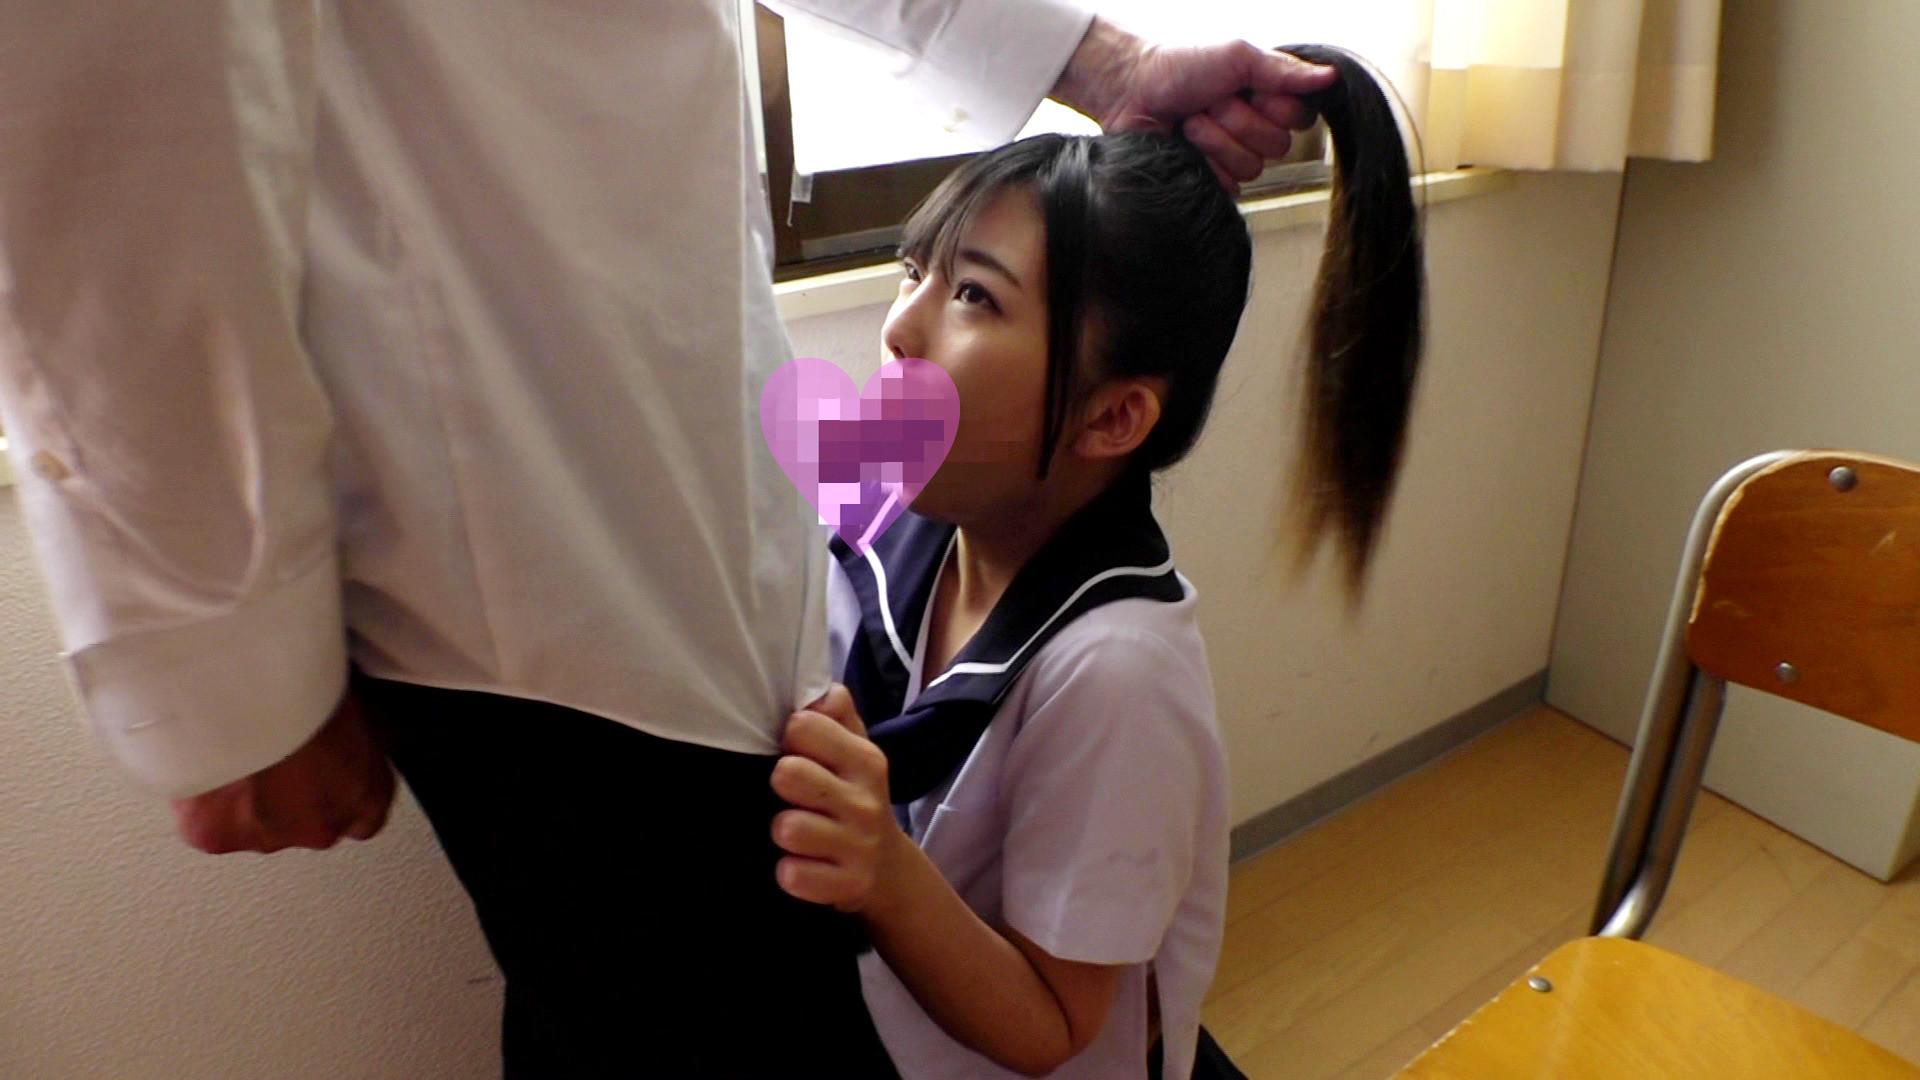 放課後の教室でポニーテールのセーラー服美少女をヤリたい放題に犯してしまいましたぁ~!